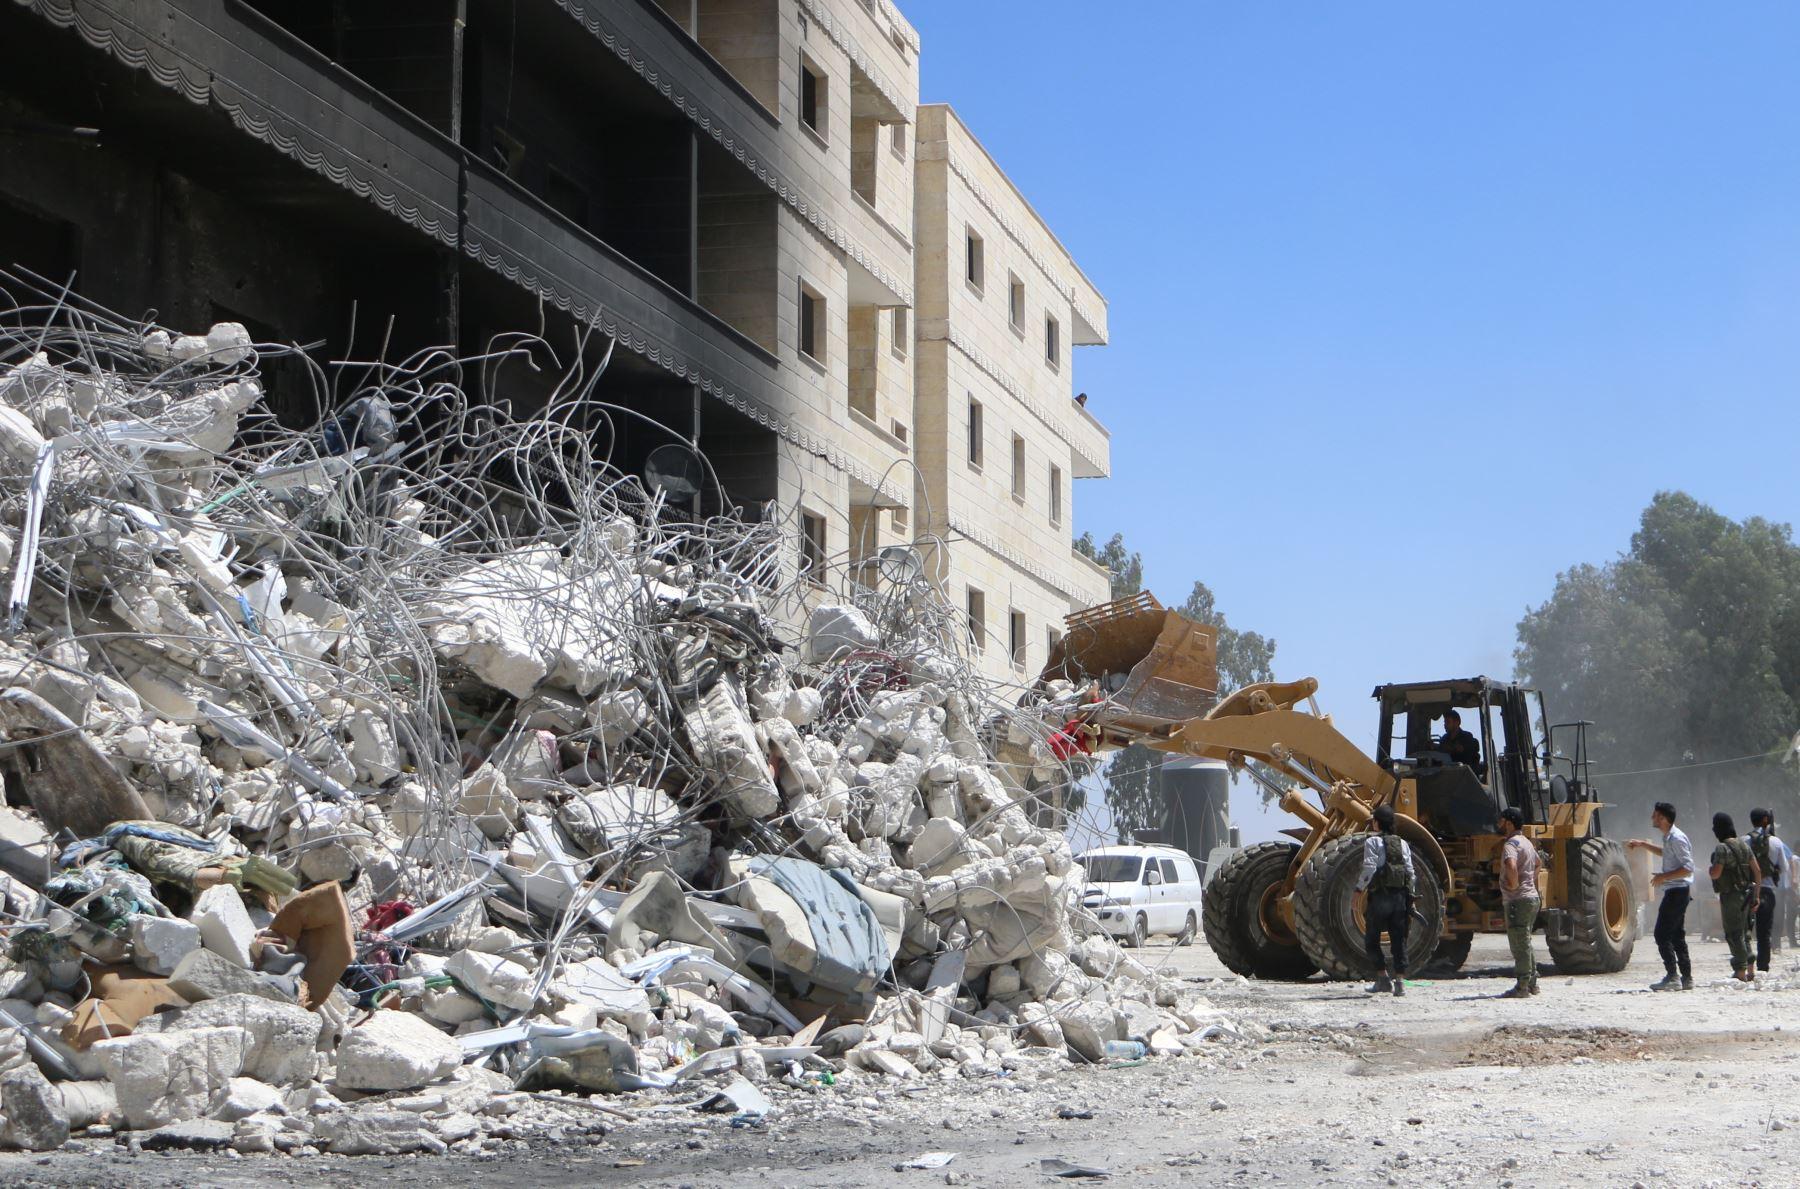 Un tractor limpia los escombros de los edificios destruidos el 13 de agosto de 2018 después de una explosión en un depósito de armas en una zona residencial en la ciudad de Sarmada en la norteña Siria de Idlib en la que decenas de personas murieron. / AFP